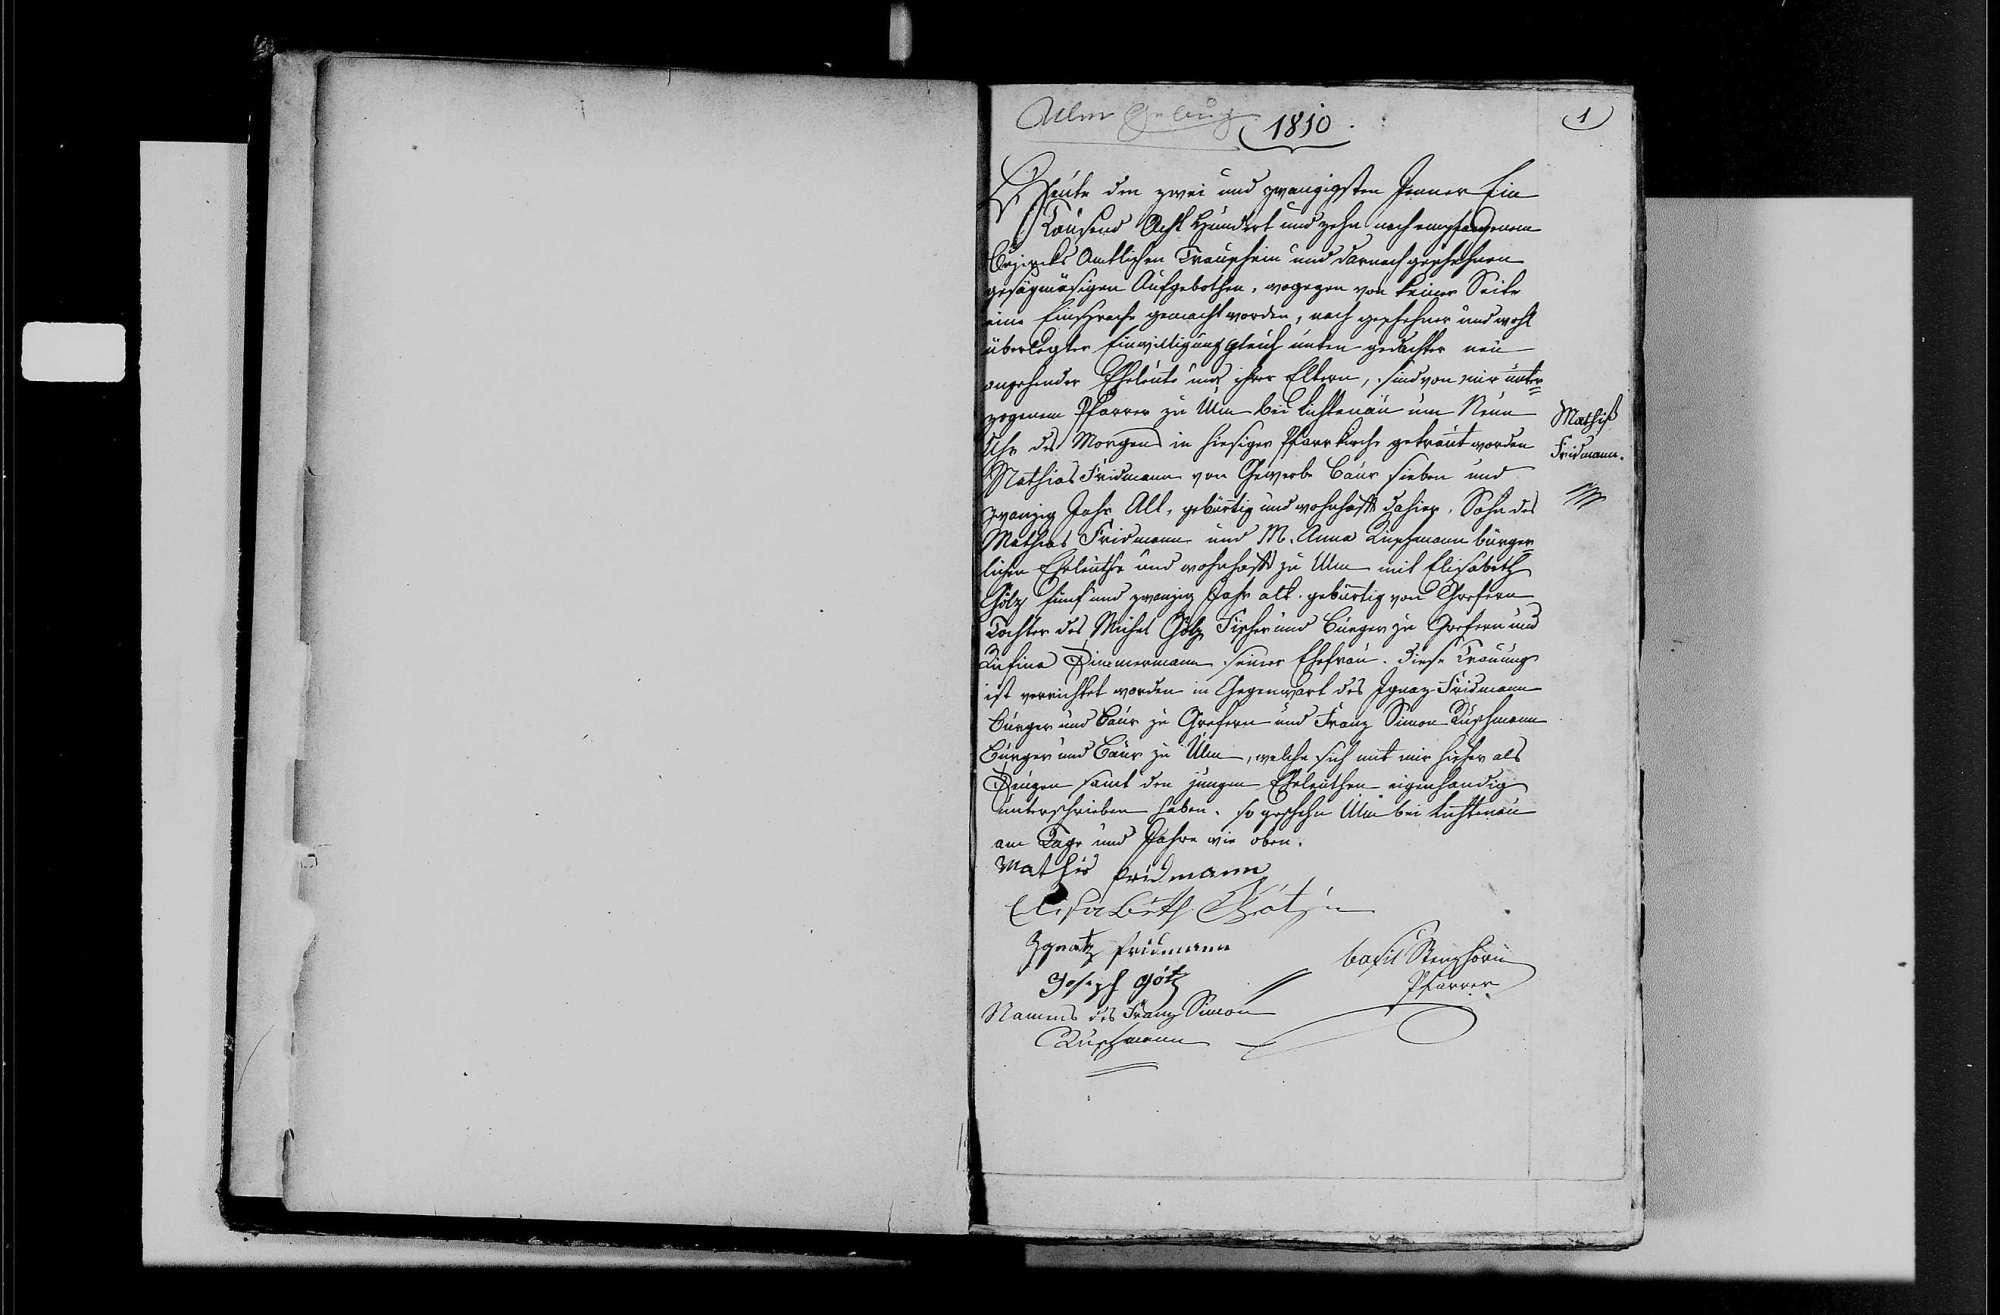 Ulm, katholische Gemeinde: Heiratsbuch 1810-1870, Bild 3